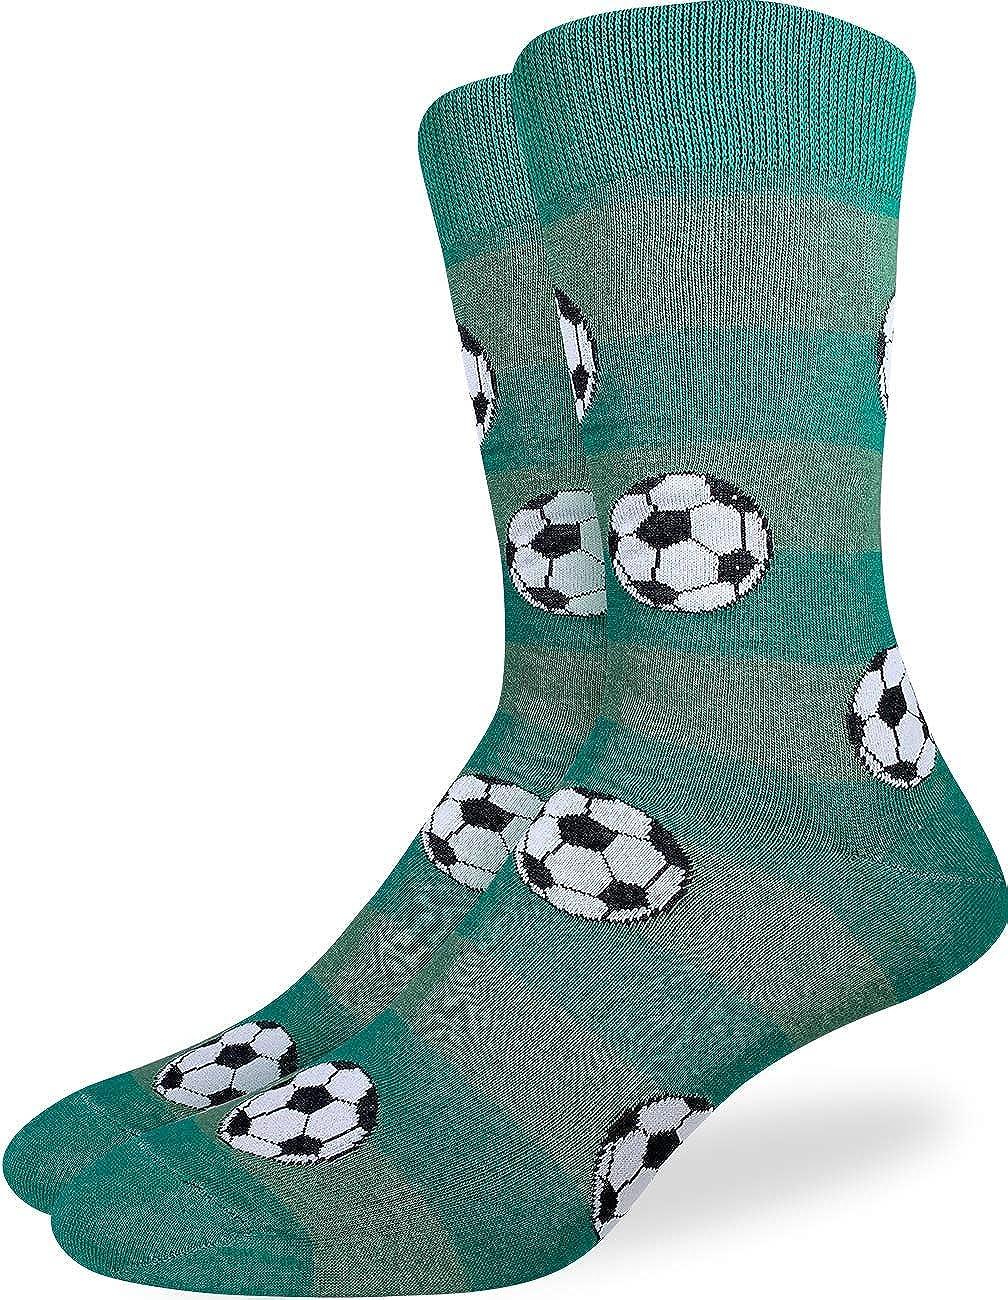 Green Good Luck Sock Mens Soccer Socks Adult Shoe Size 7-12